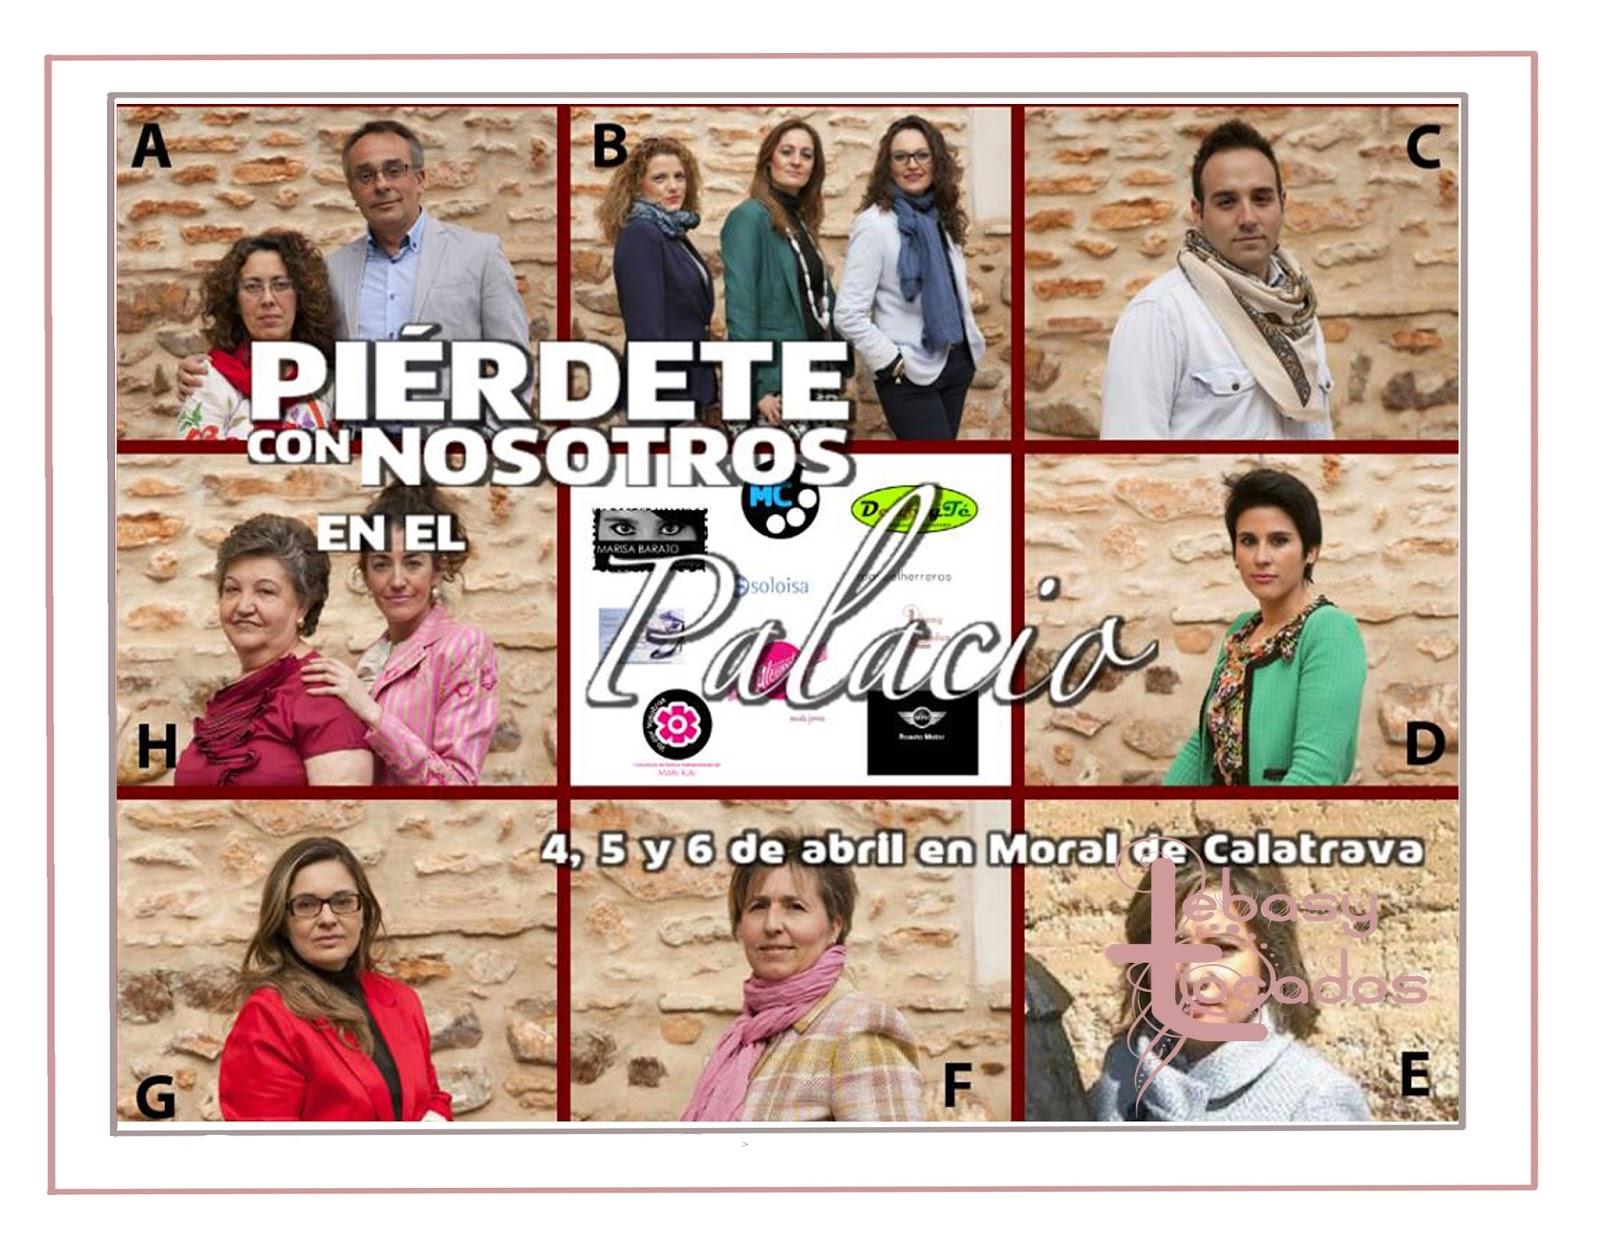 Artesanos y empresas participantes en Piérdete en Palacio, entre ellos Lebasy Tocados